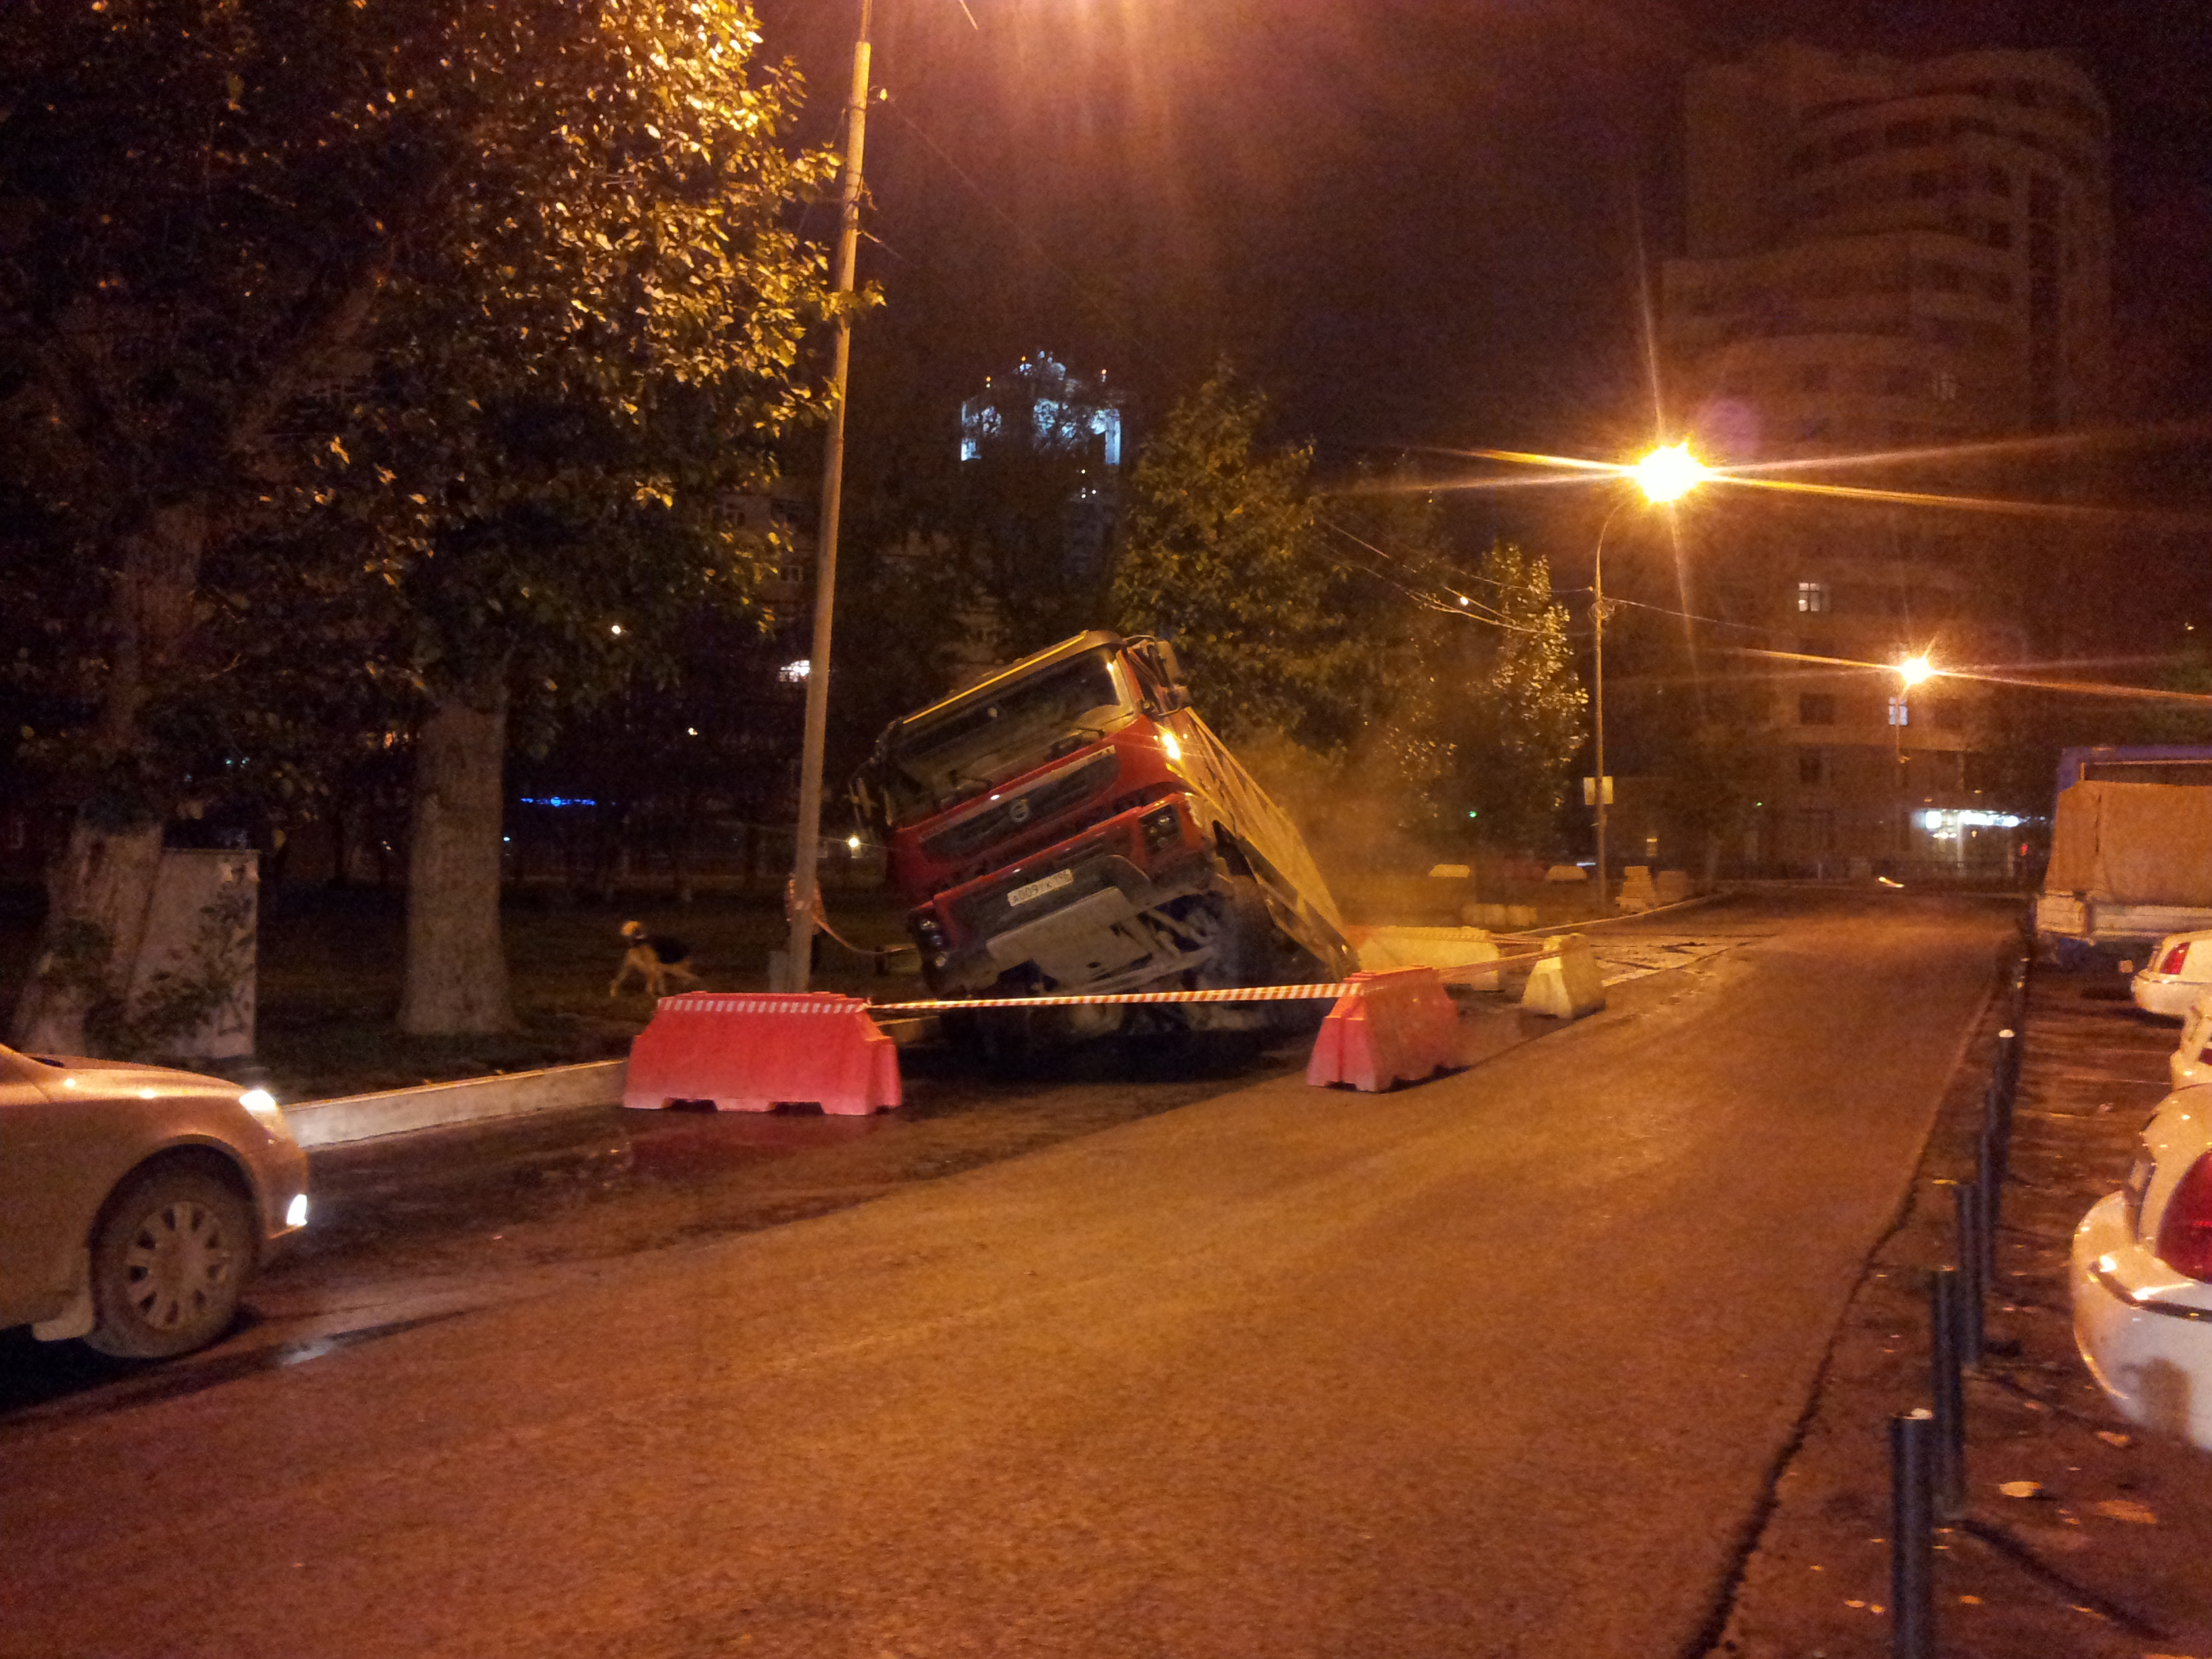 Возле «Космоса» грузовик провалился в свежеположенный асфальт